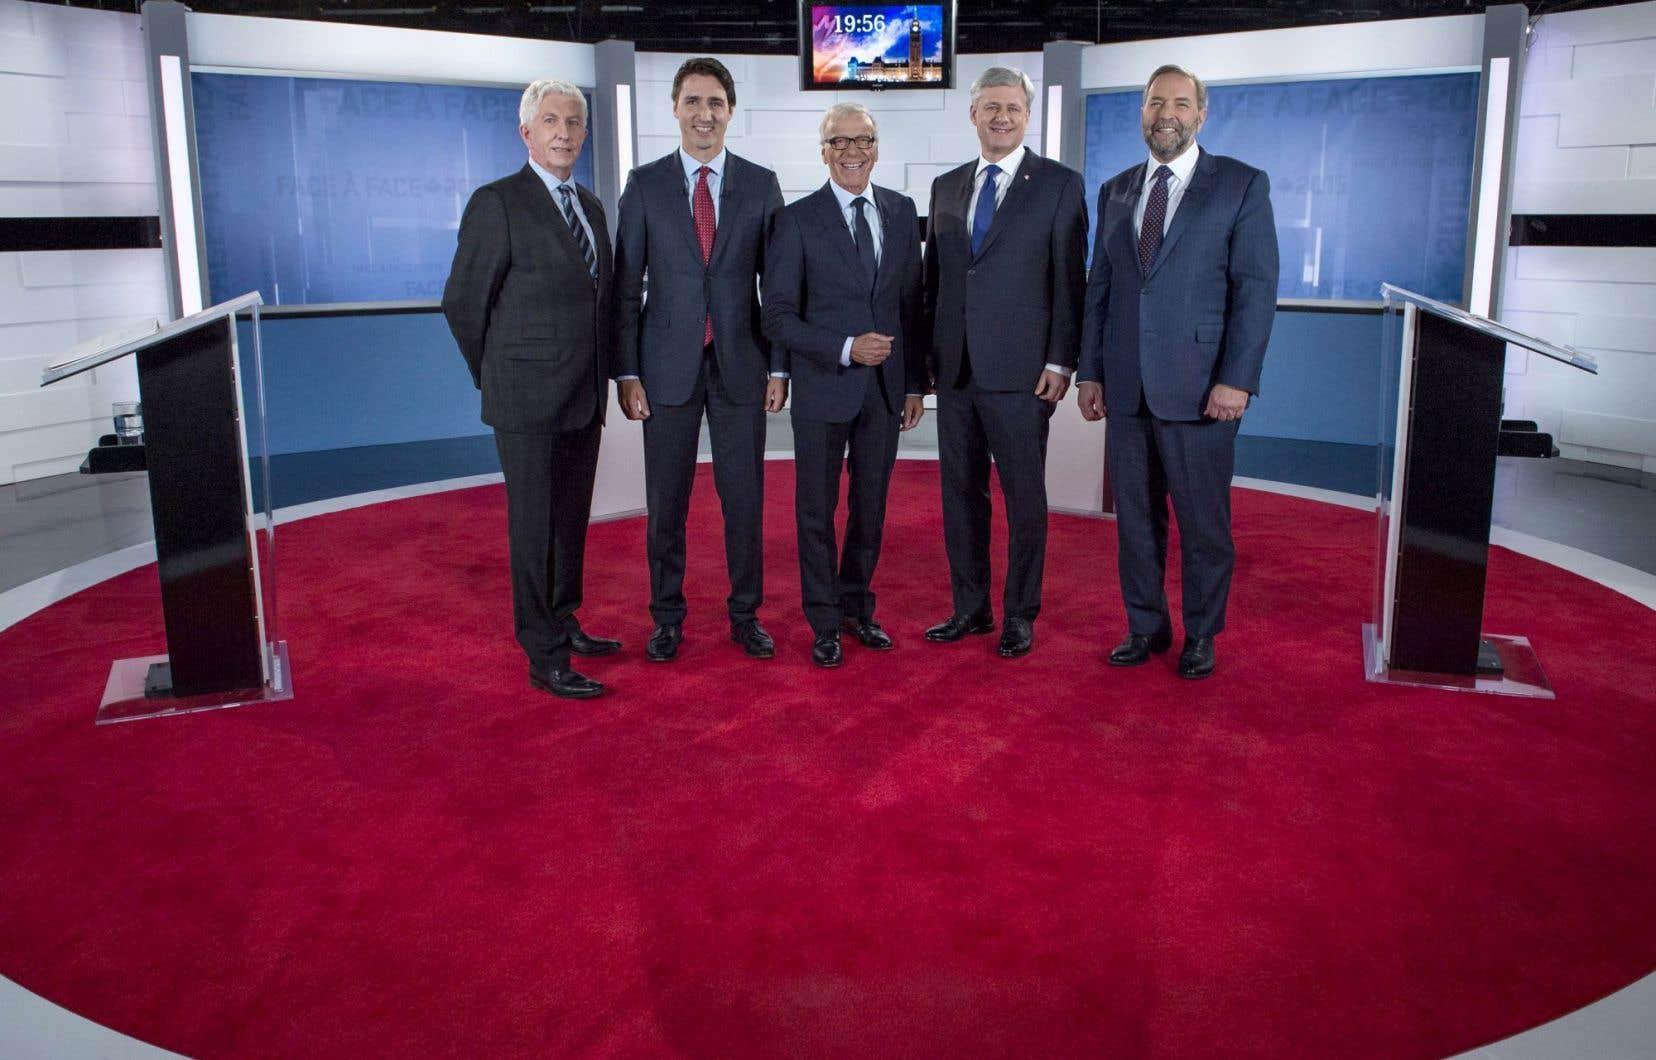 Les quatre chefs qui se sont fait face vendredi soir entourent l'animateur de la soirée. Dans l'ordre: Gilles Duceppe, Justin Trudeau, Pierre Bruneau, Stephen Harper et Thomas Mulcair.